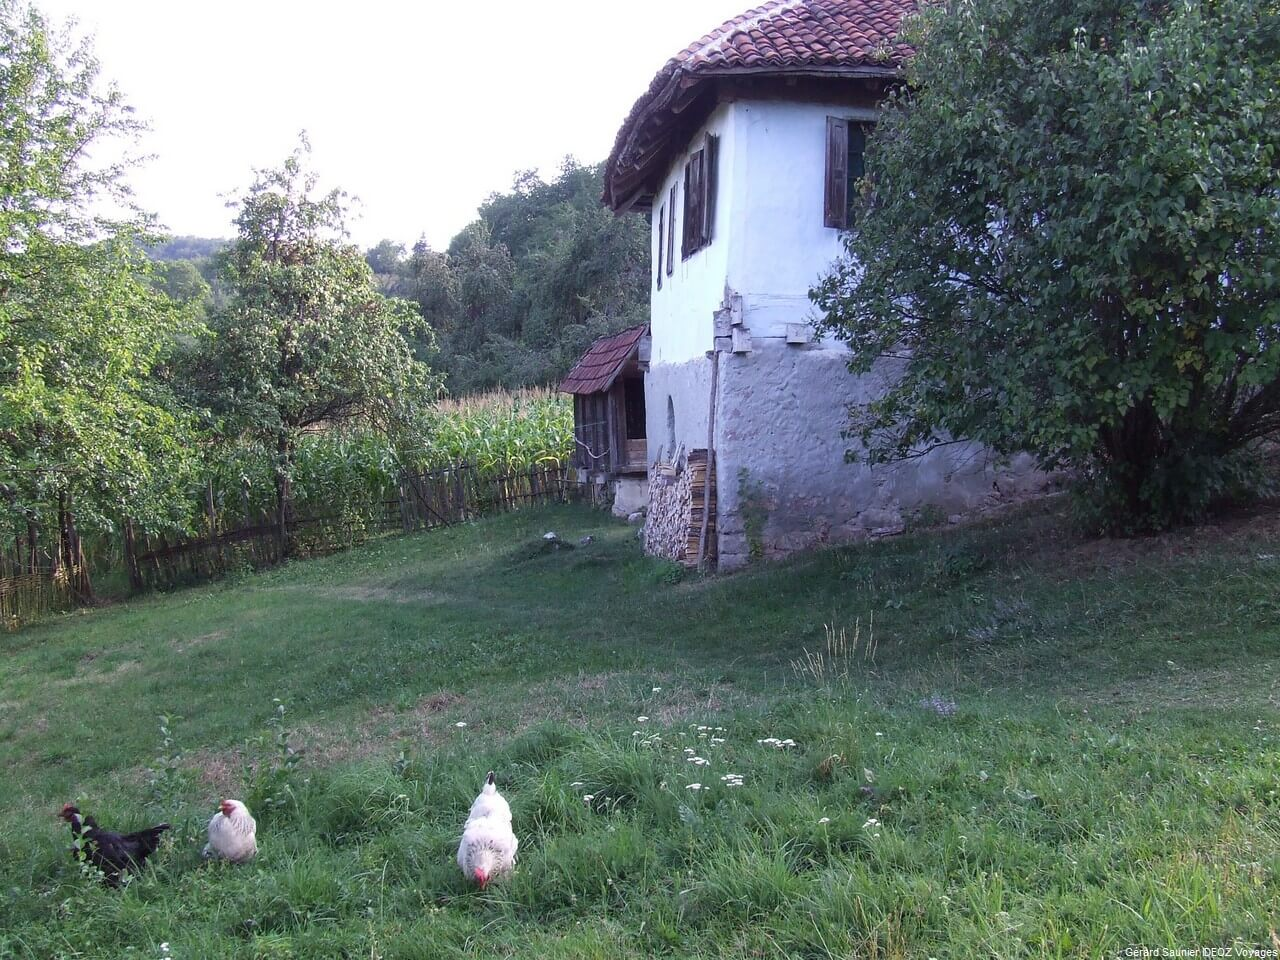 Rencontre inoubliable à Arilje en Serbie centrale : merveilleux souvenir 16